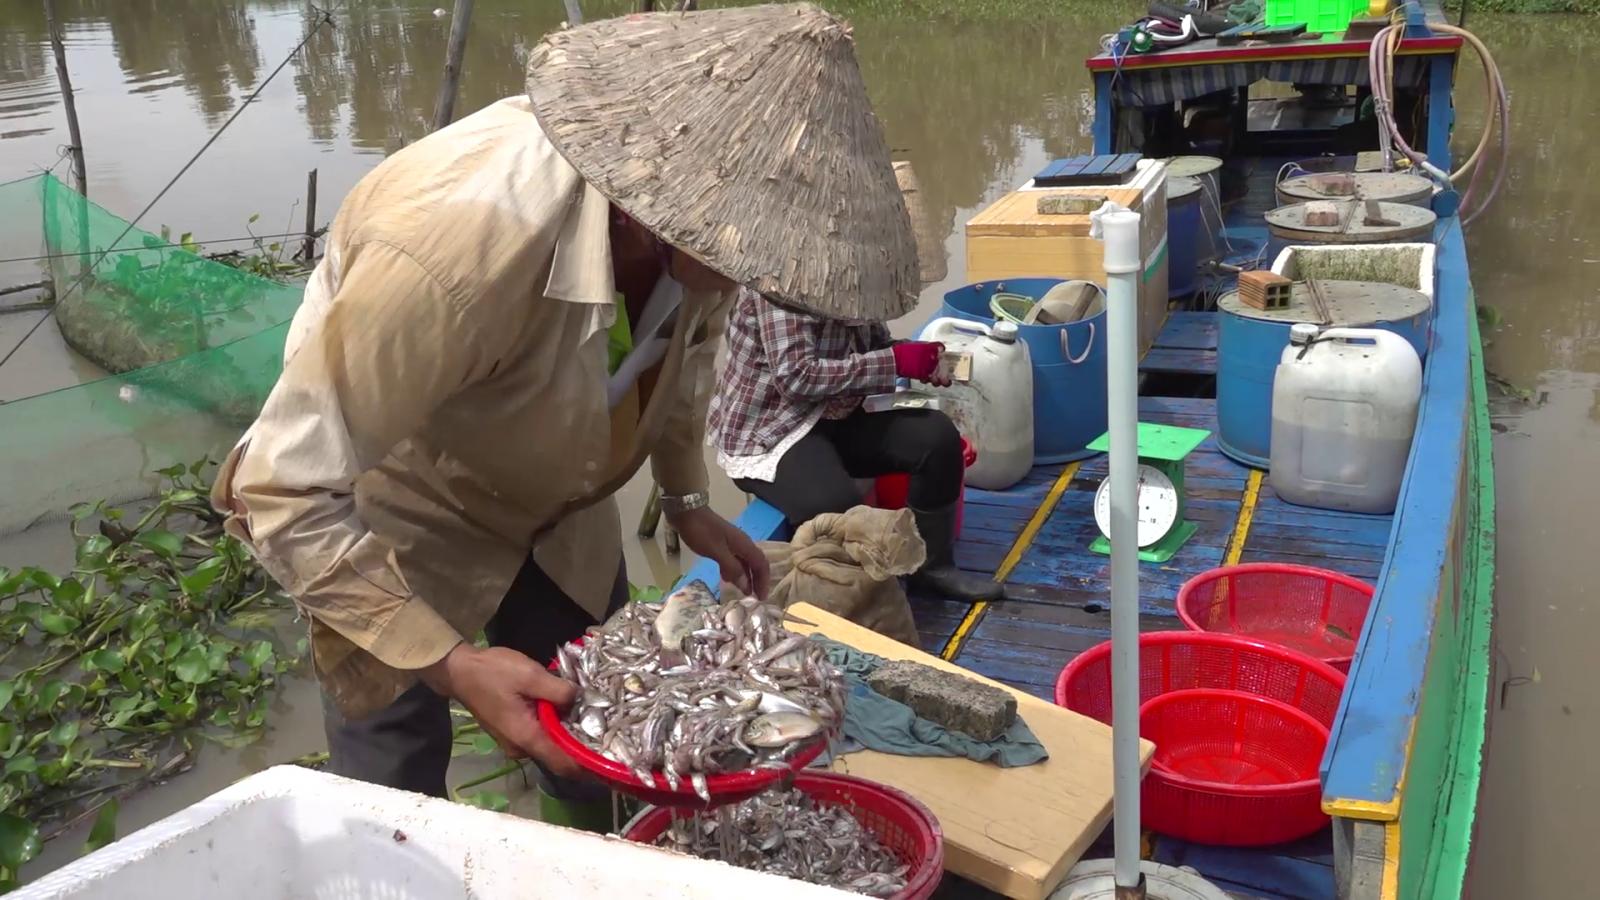 Mưu sinh bằng nghề đánh bắt cá mang lại thu nhập ổn định cho nhiều gia đình trong mùa lũ